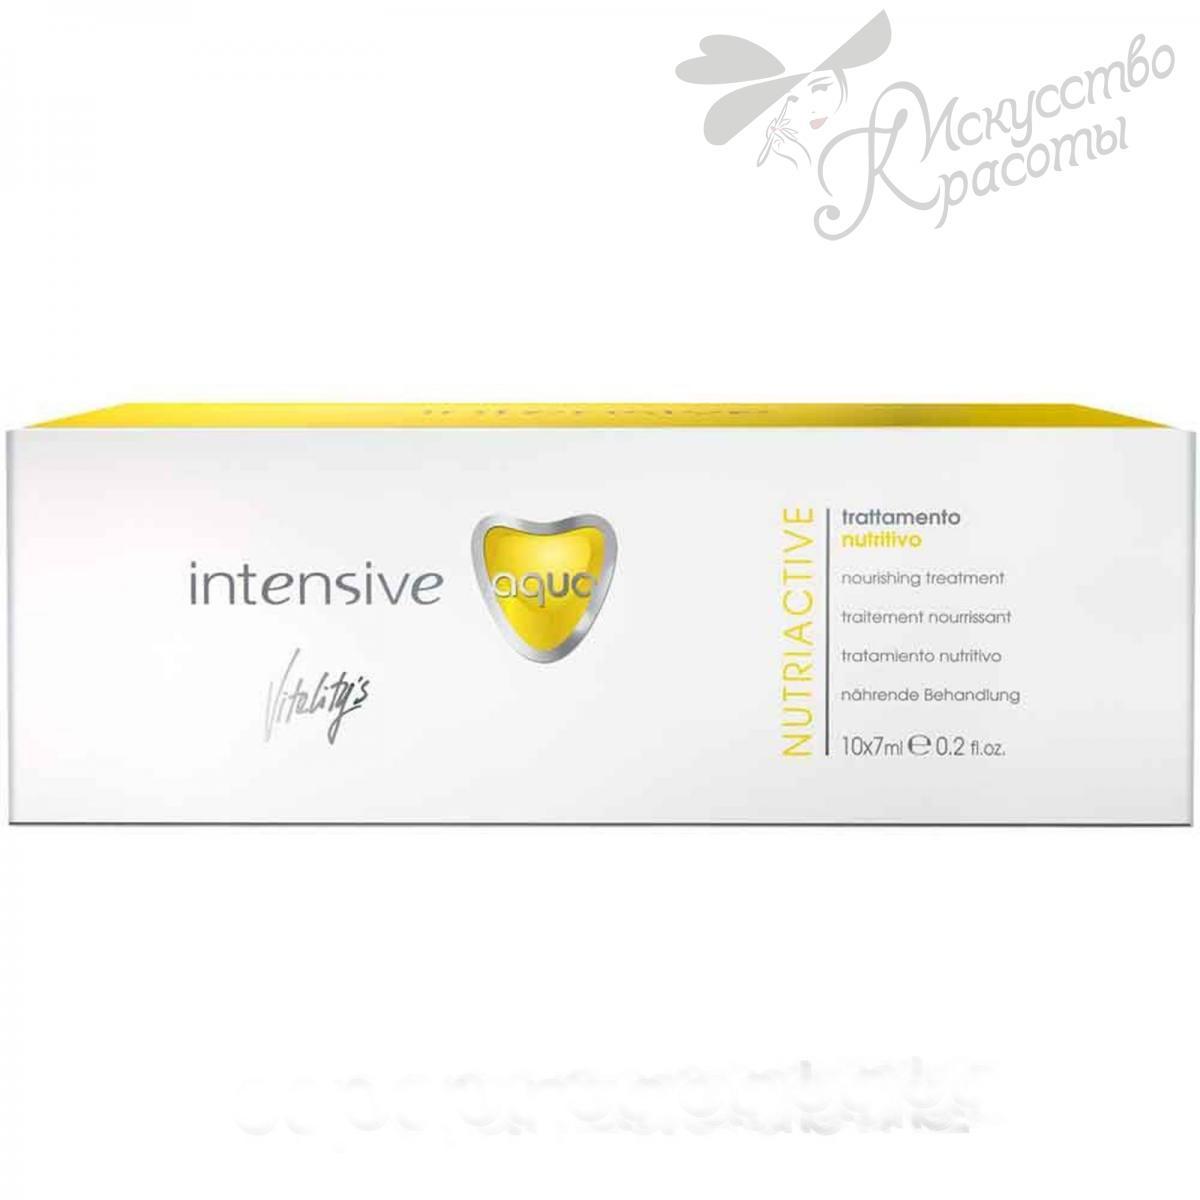 Питательная сыворотка Vitality's Aqua Nutriactive,10х7мл